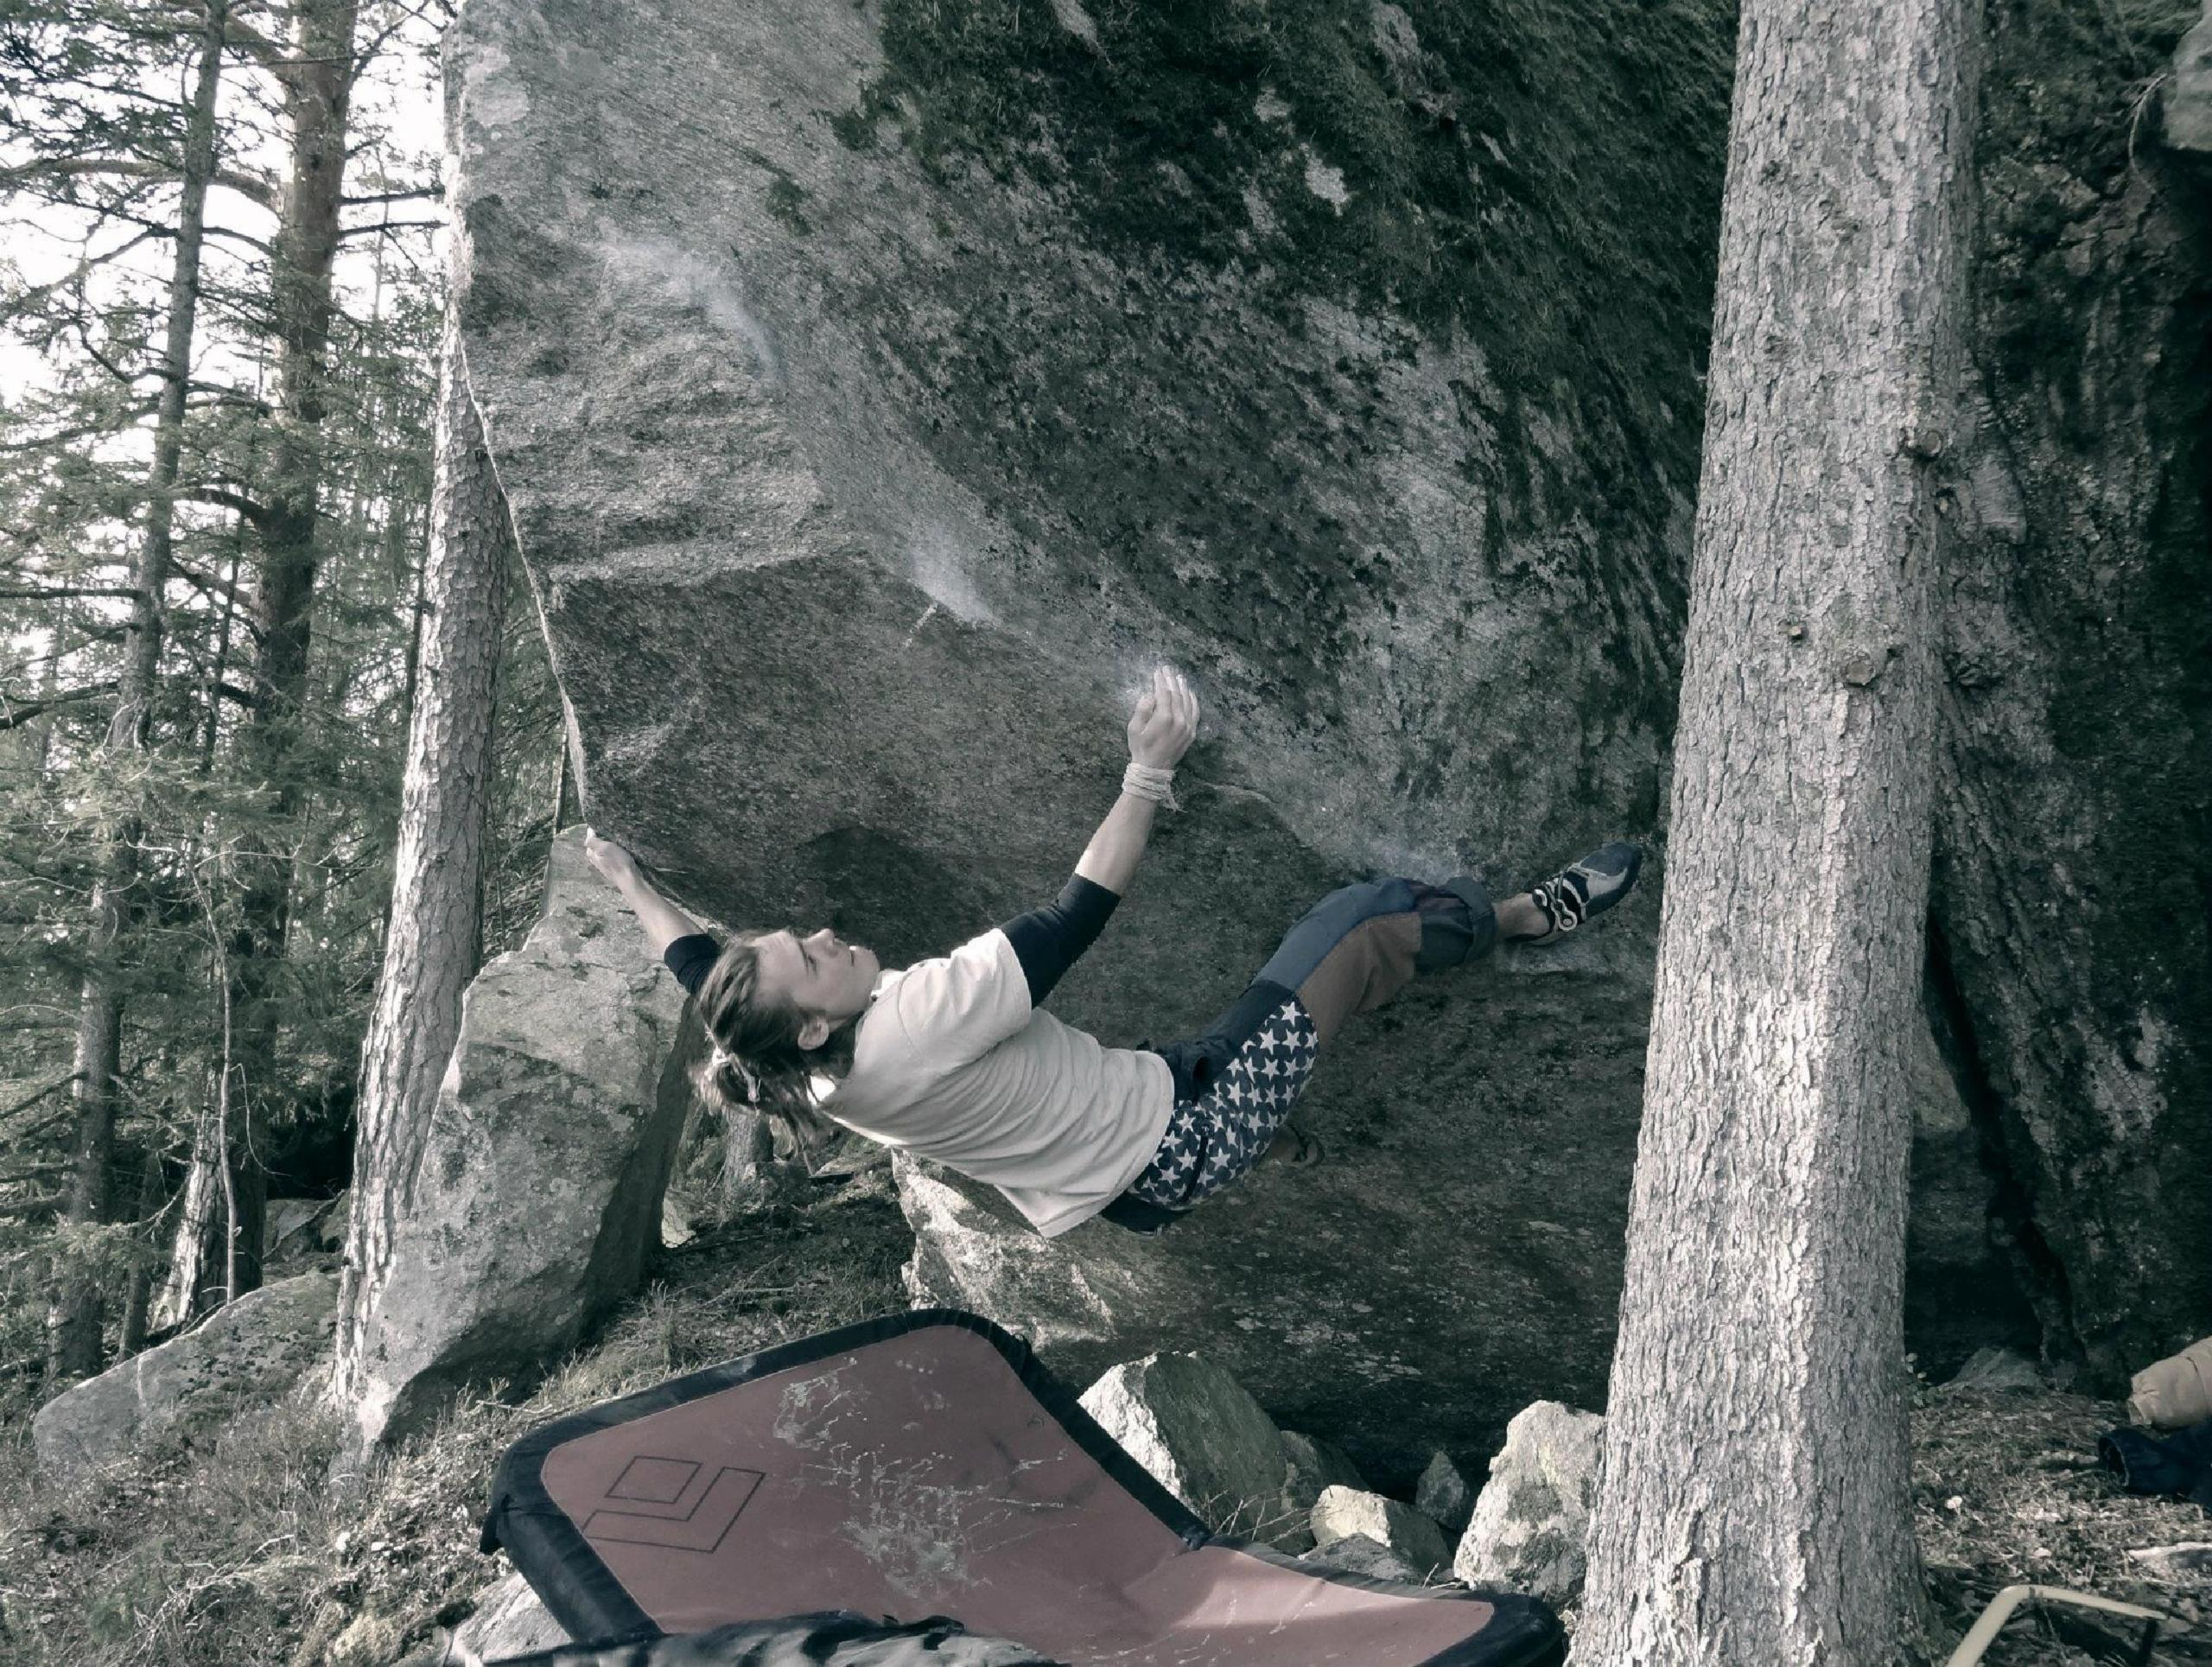 photographer: Sverre Wiig, in photo: Sverre Wiig